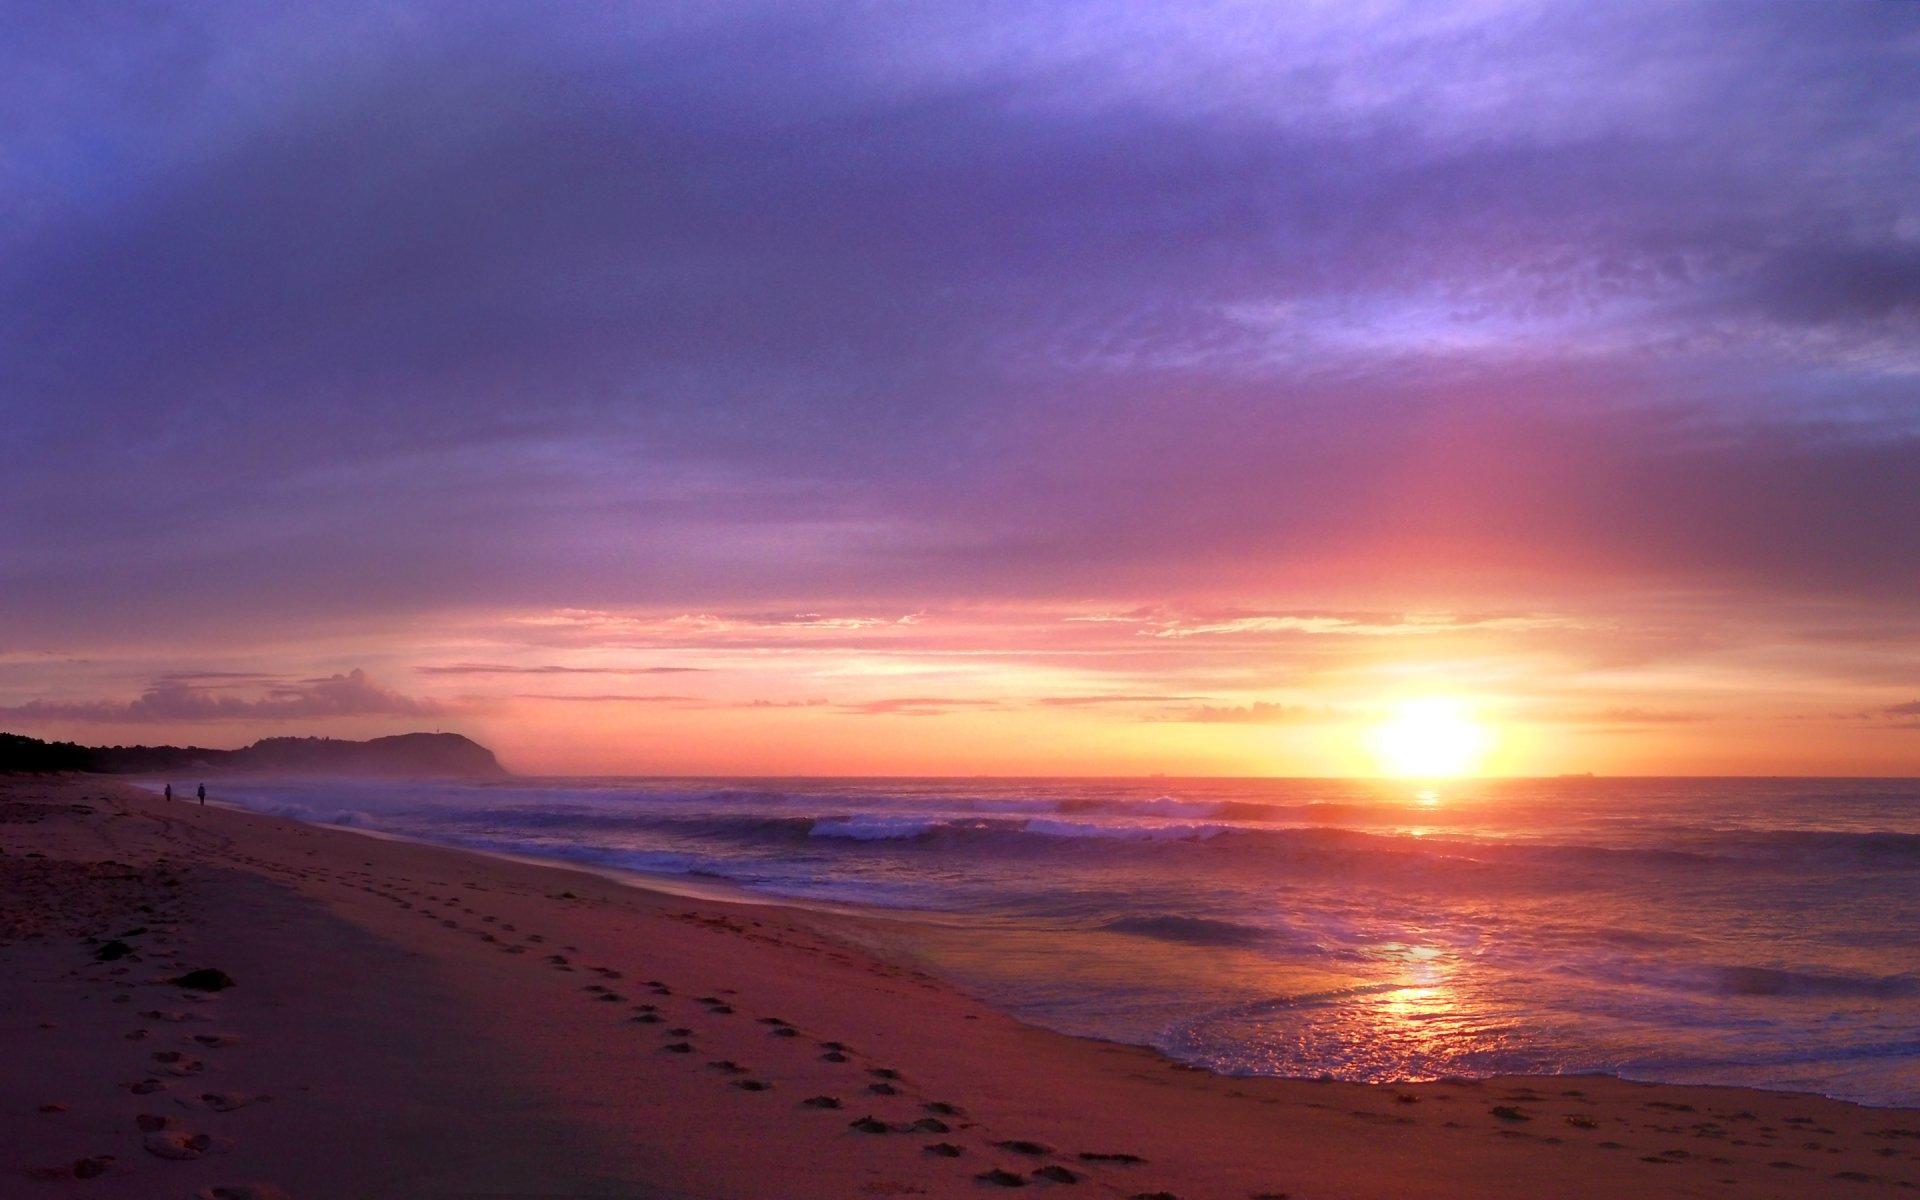 kootation com beach sunset backgrounds hd wallpaper picture html